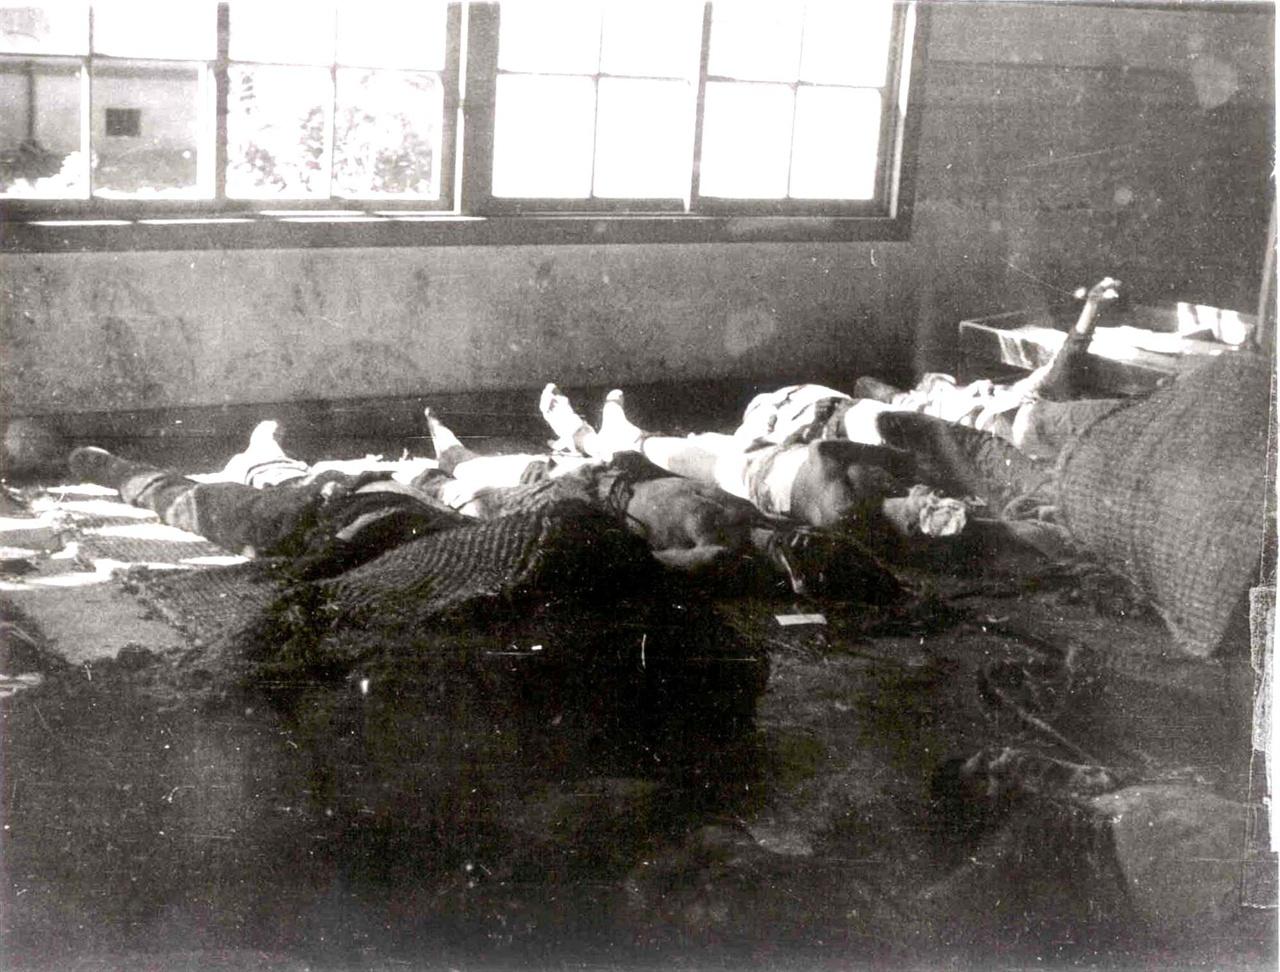 1946년 10월 2일 대구 항쟁 당시 피살자 사진. 10월2일 대구역 발포로 사망한 피살자 중에는 남성 노동자가 다수를 차지한다. 노동조합원이 아닌 미조직 대중도 상당수 있는 것으로 저자는 분석했다. 책에는 미국 국립문서기록 관리청이 보관중인 대구 항쟁 피살자 사진과 진실화해위원회가 발굴한 1960년 대구 달서구 본리동 유해 발굴 현장 사진 등 당시 잔혹한 학살현장 사진이 여럿 실렸다. ⓒ 미국 국립문서기록 관리청